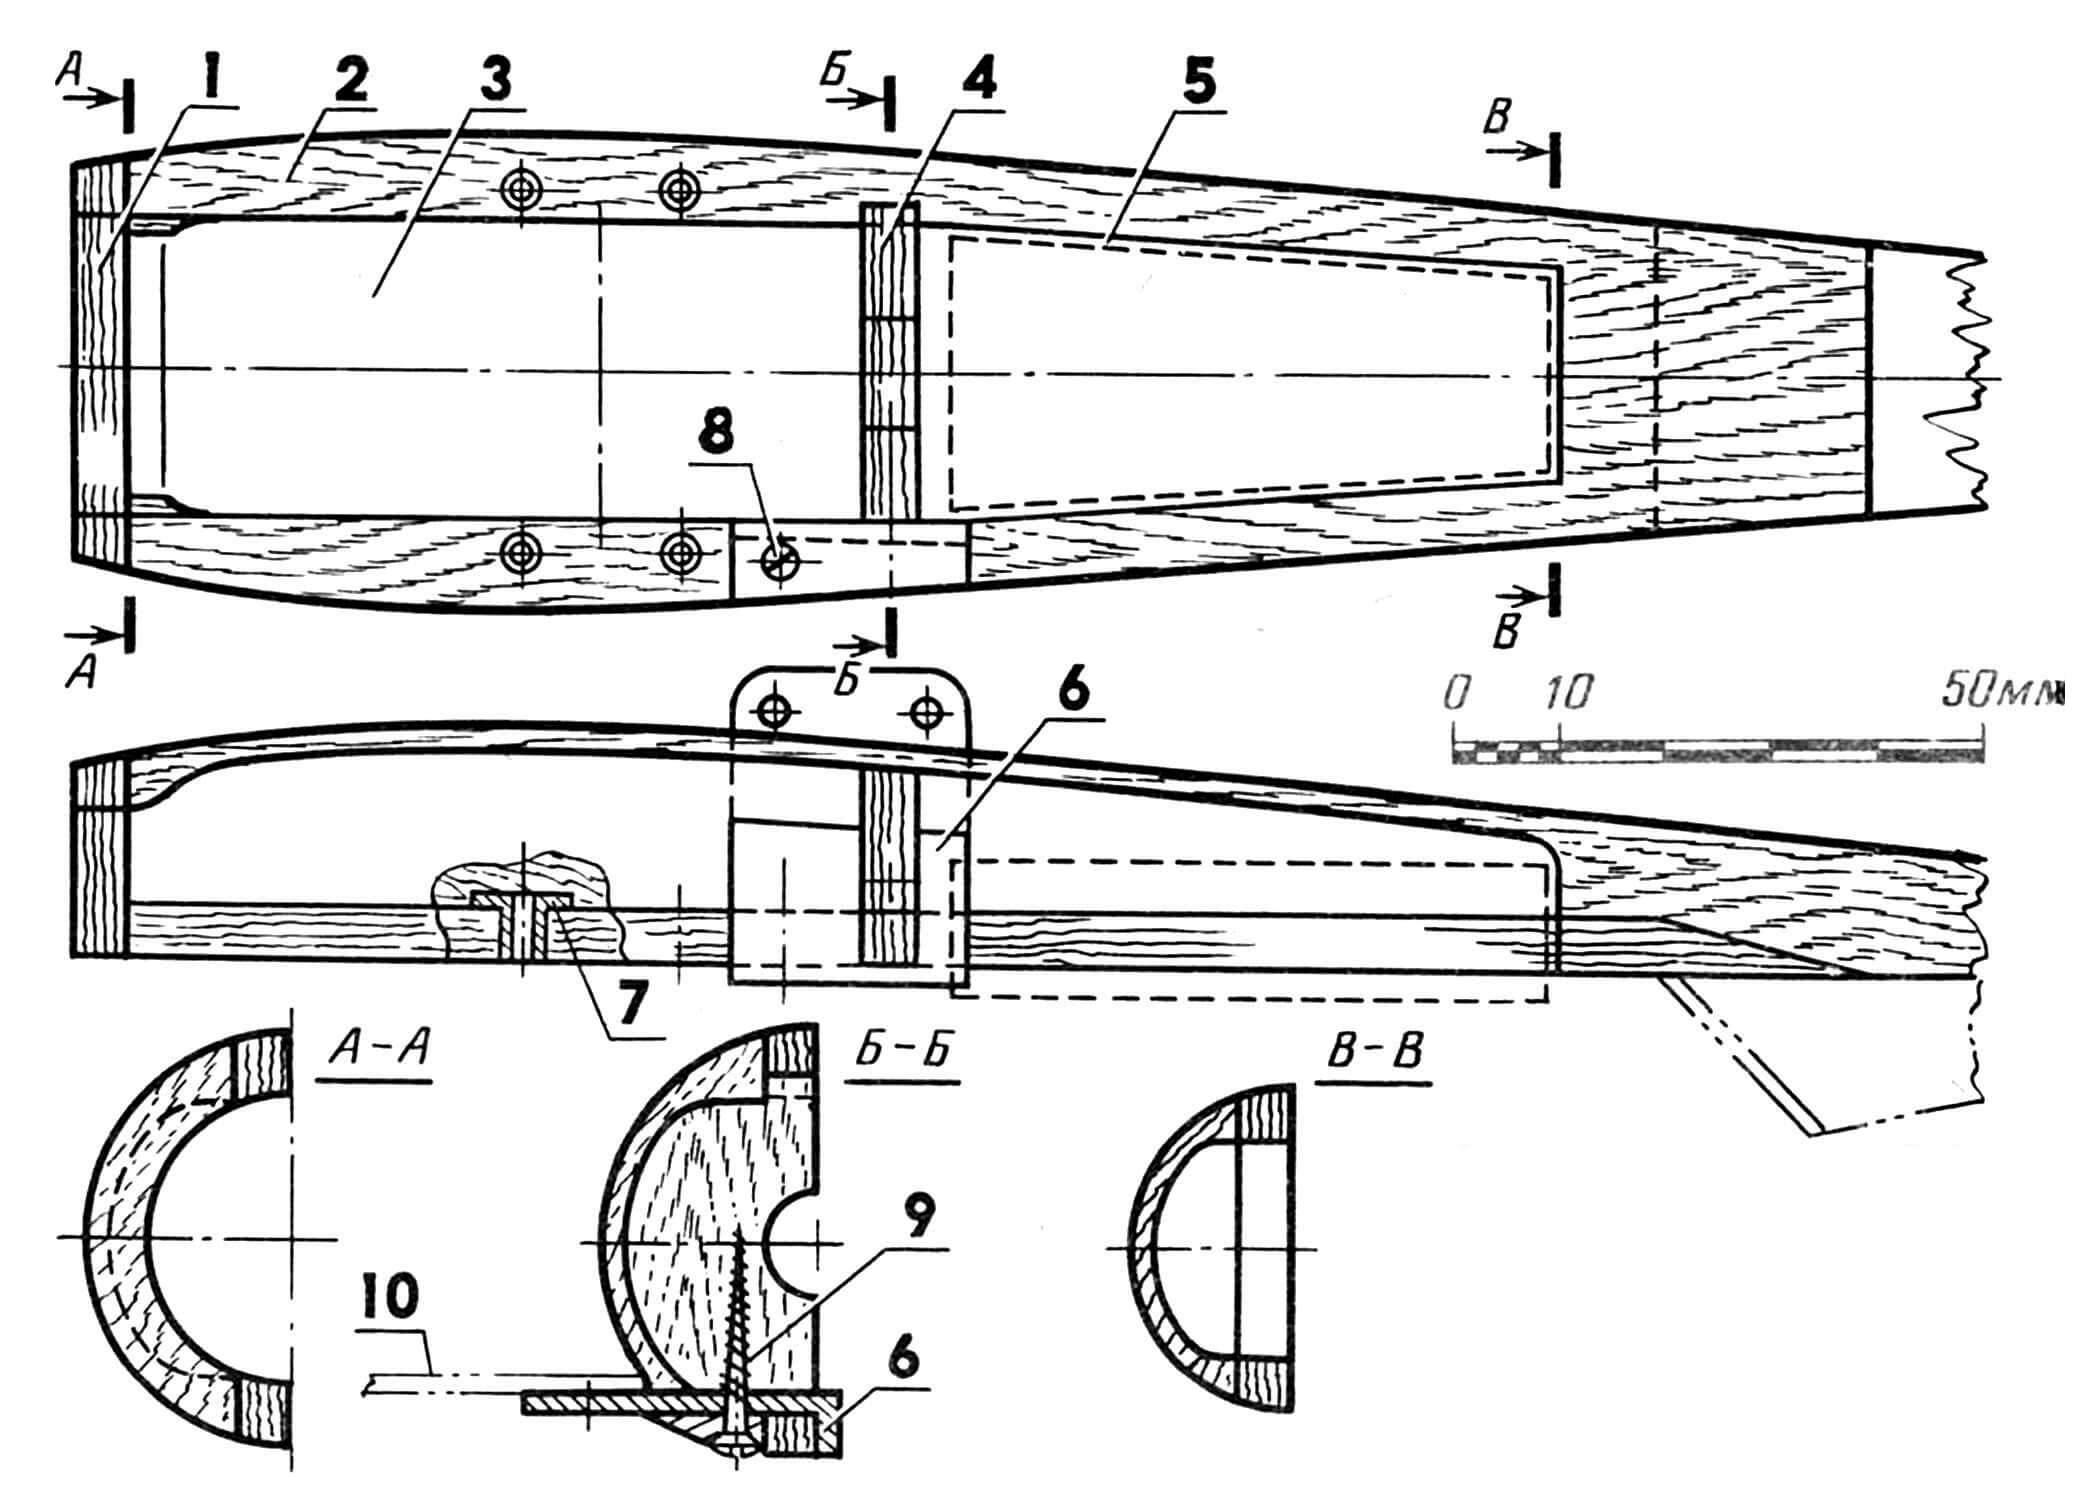 Рис. 2. Силовая часть корпуса модели: 1 - передний шпангоут (переклейка из миллиметровой фанеры, толщина 5 мм), 2 - моторама (переклейка из миллиметровой фанеры, толщина 5 мм), 3 - корпус (плотная липа), 4 - силовой шпангоут (переклейка из миллиметровой фанеры, толщина 5 мм), 5 - контур топливного бака, 6 - кронштейн для навески кордовой планки (дюралюминий), 7 - «грибок» под винт М3 крепления двигателя (сталь), 8 - вспомогательный шуруп крепления кронштейна, длина 10 - 12 мм, 9 - основной шуруп крепления кронштейна, длина 20—22 мм (клеить при сборке, как и дет. 8, на эпоксидной смоле), 10 - кордовая планка.